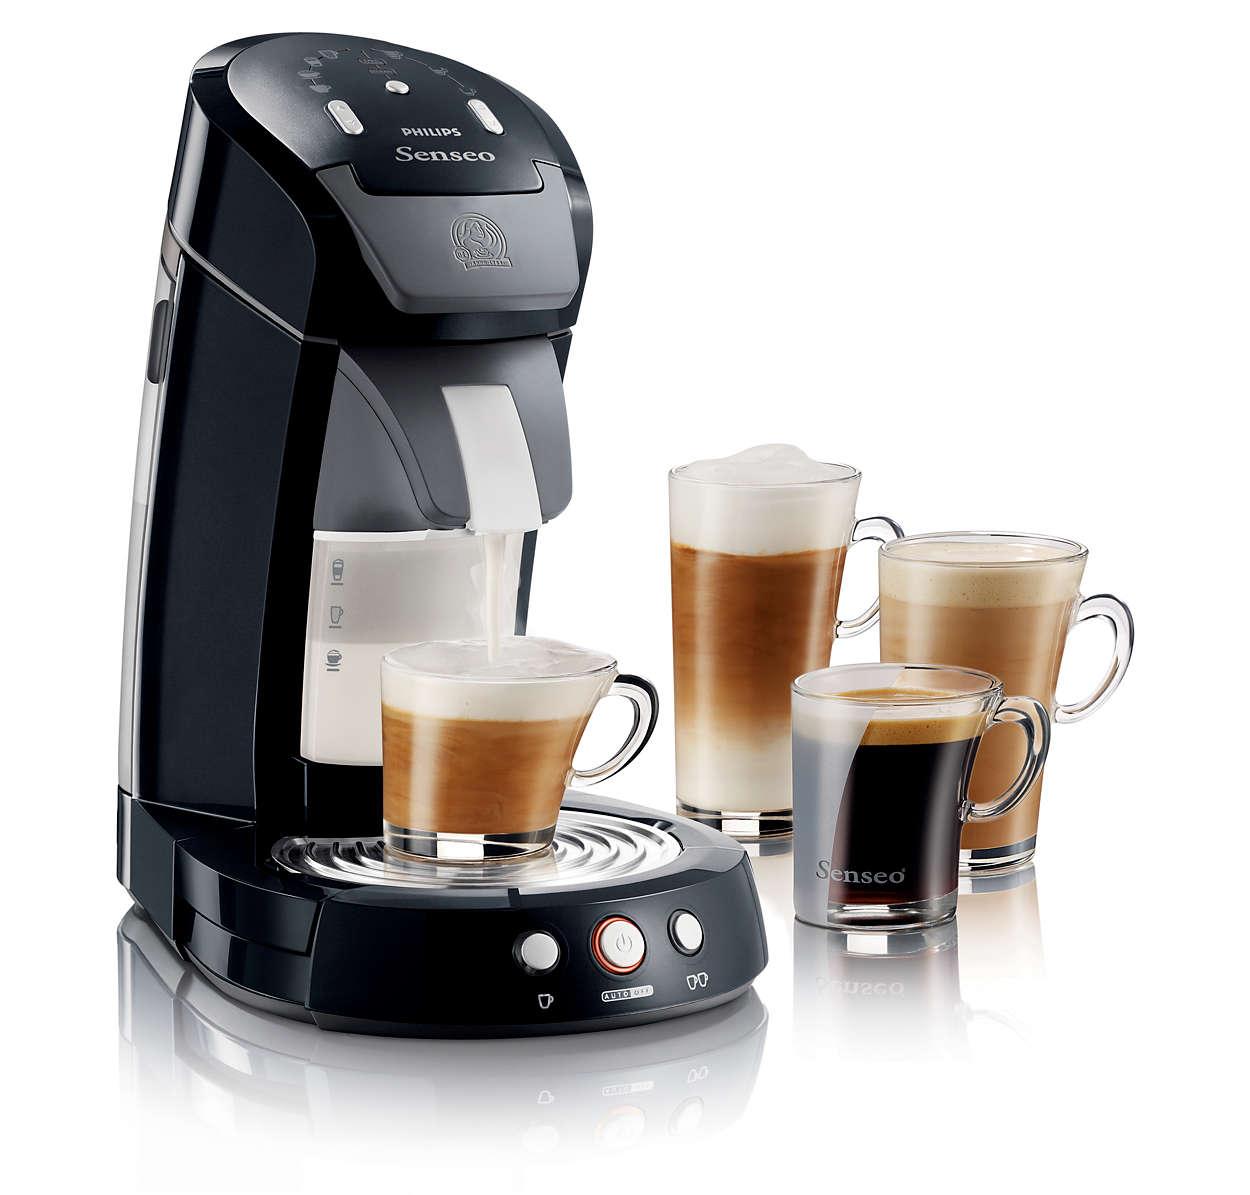 Upplev dina favoritkaffespecialiteter